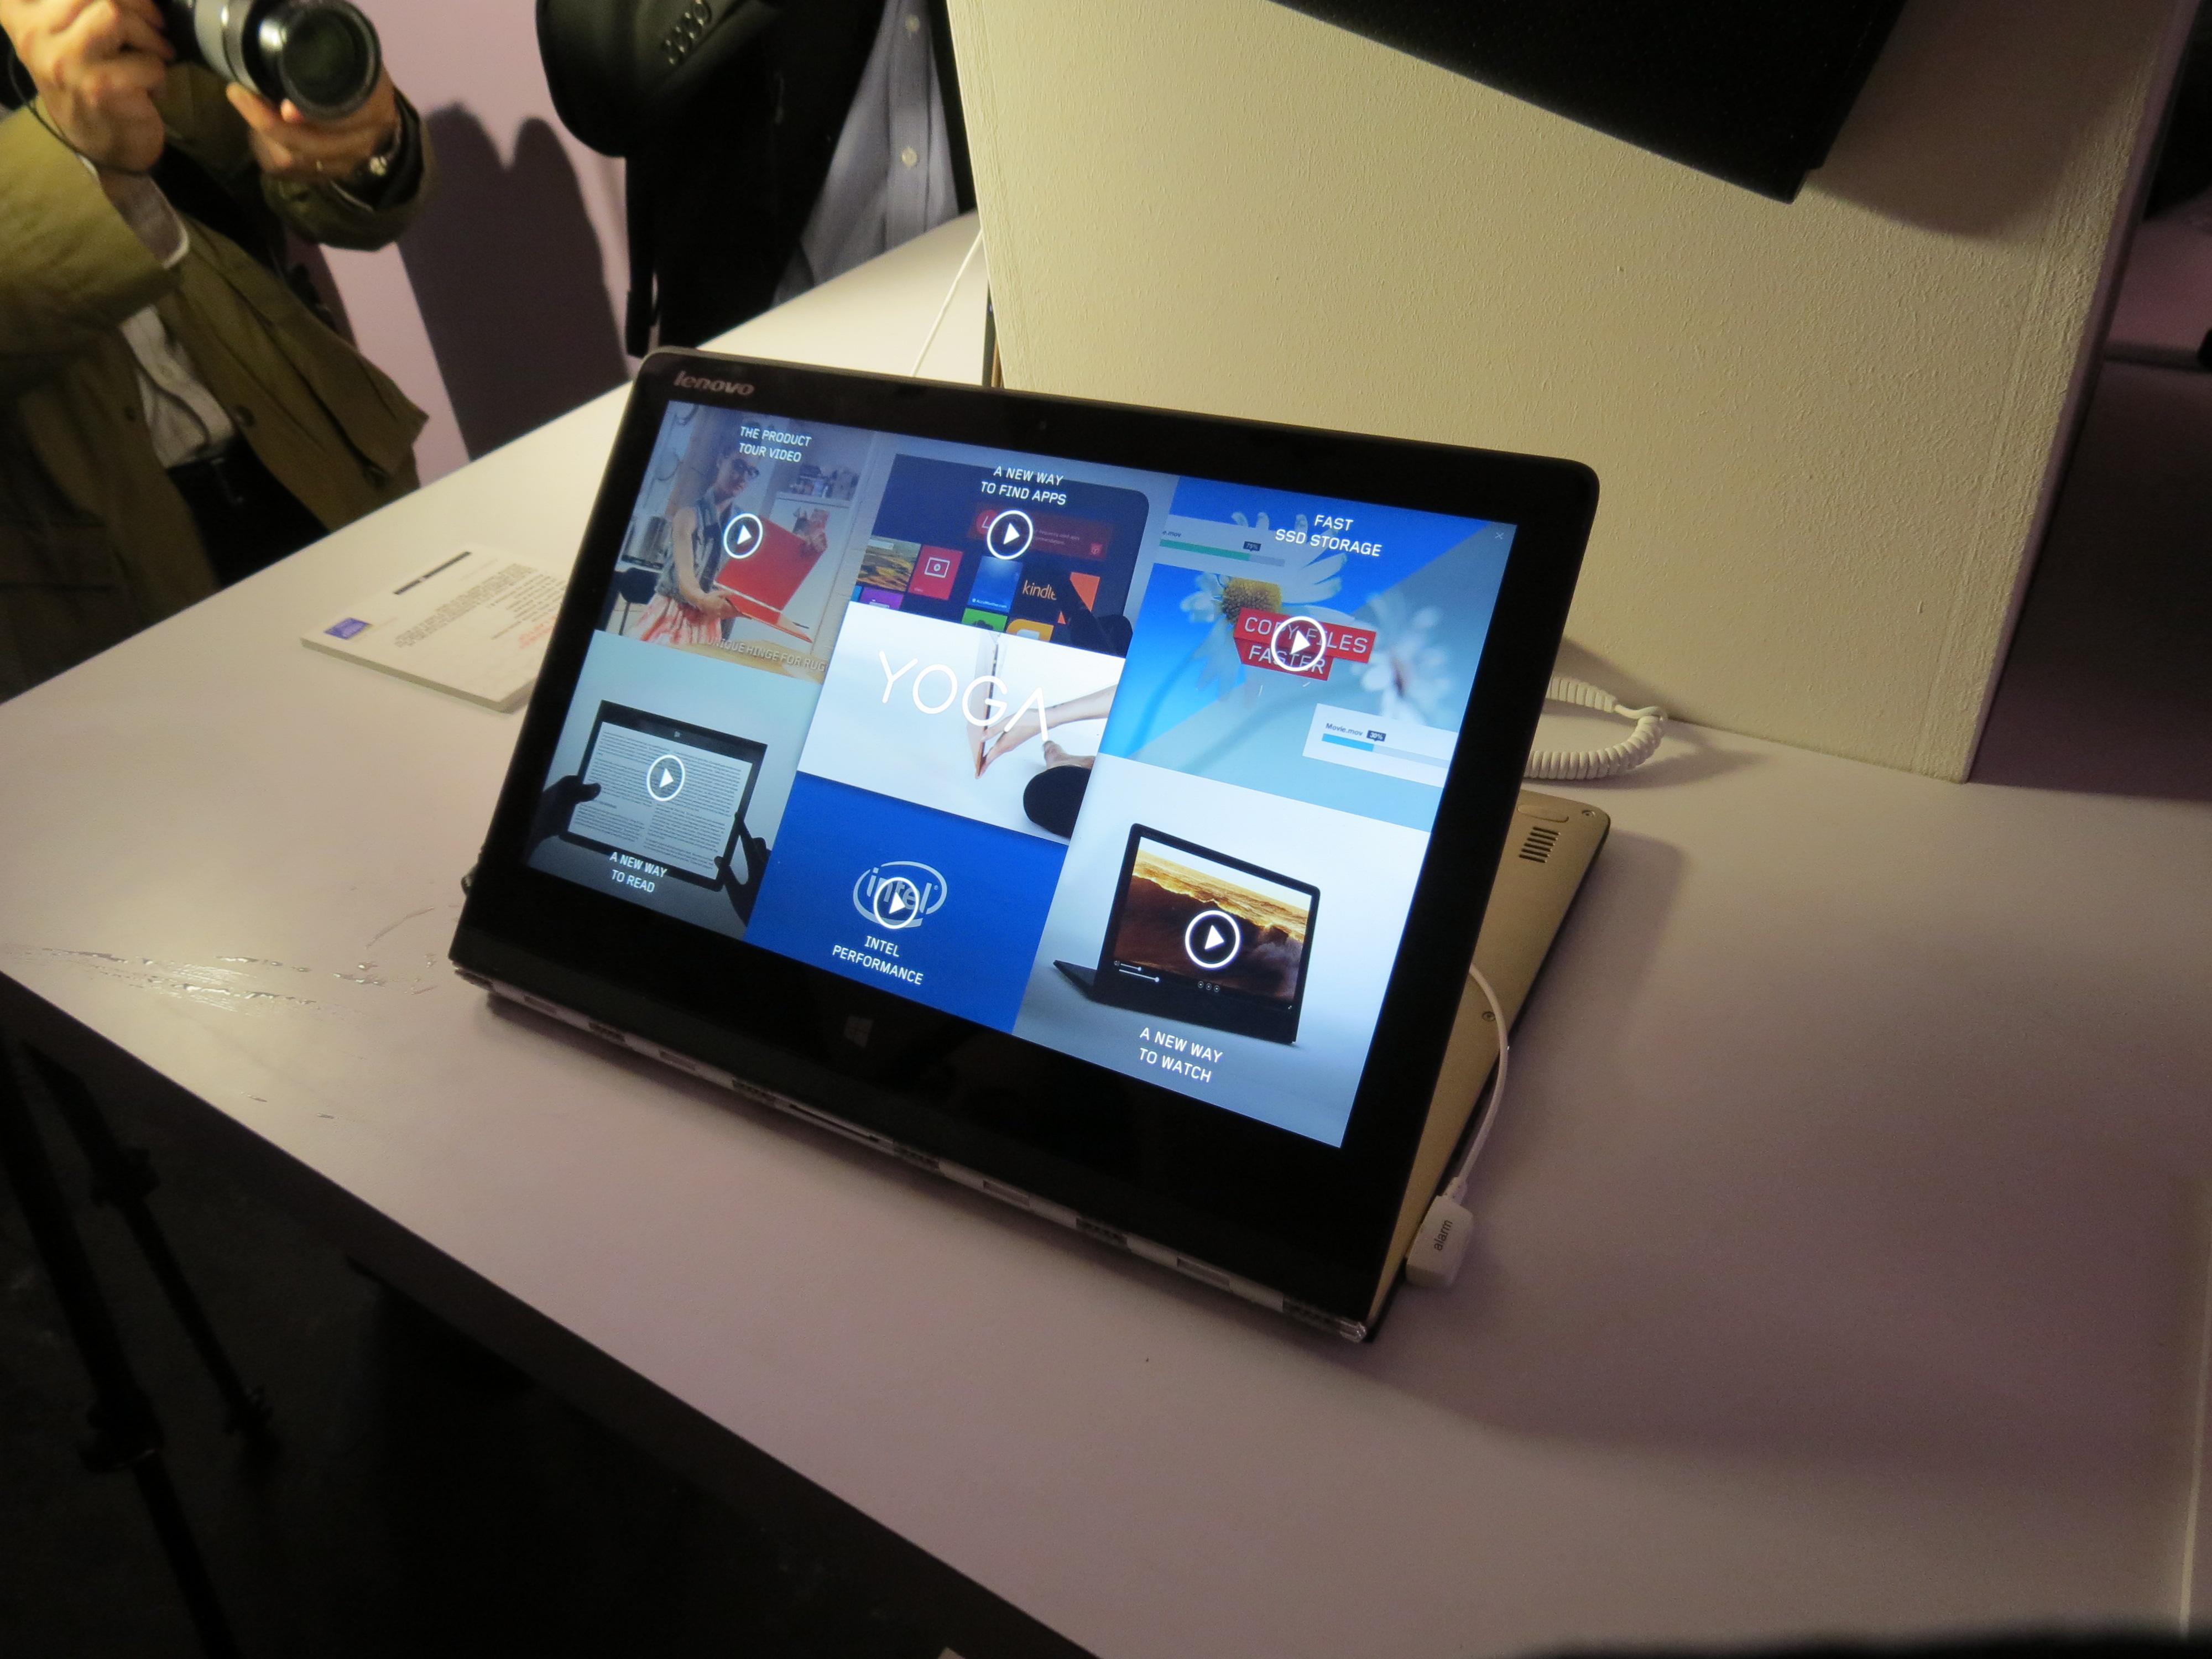 Prima impresie: Lenovo Yoga Pro 3 ar putea fi laptopul anului 2014